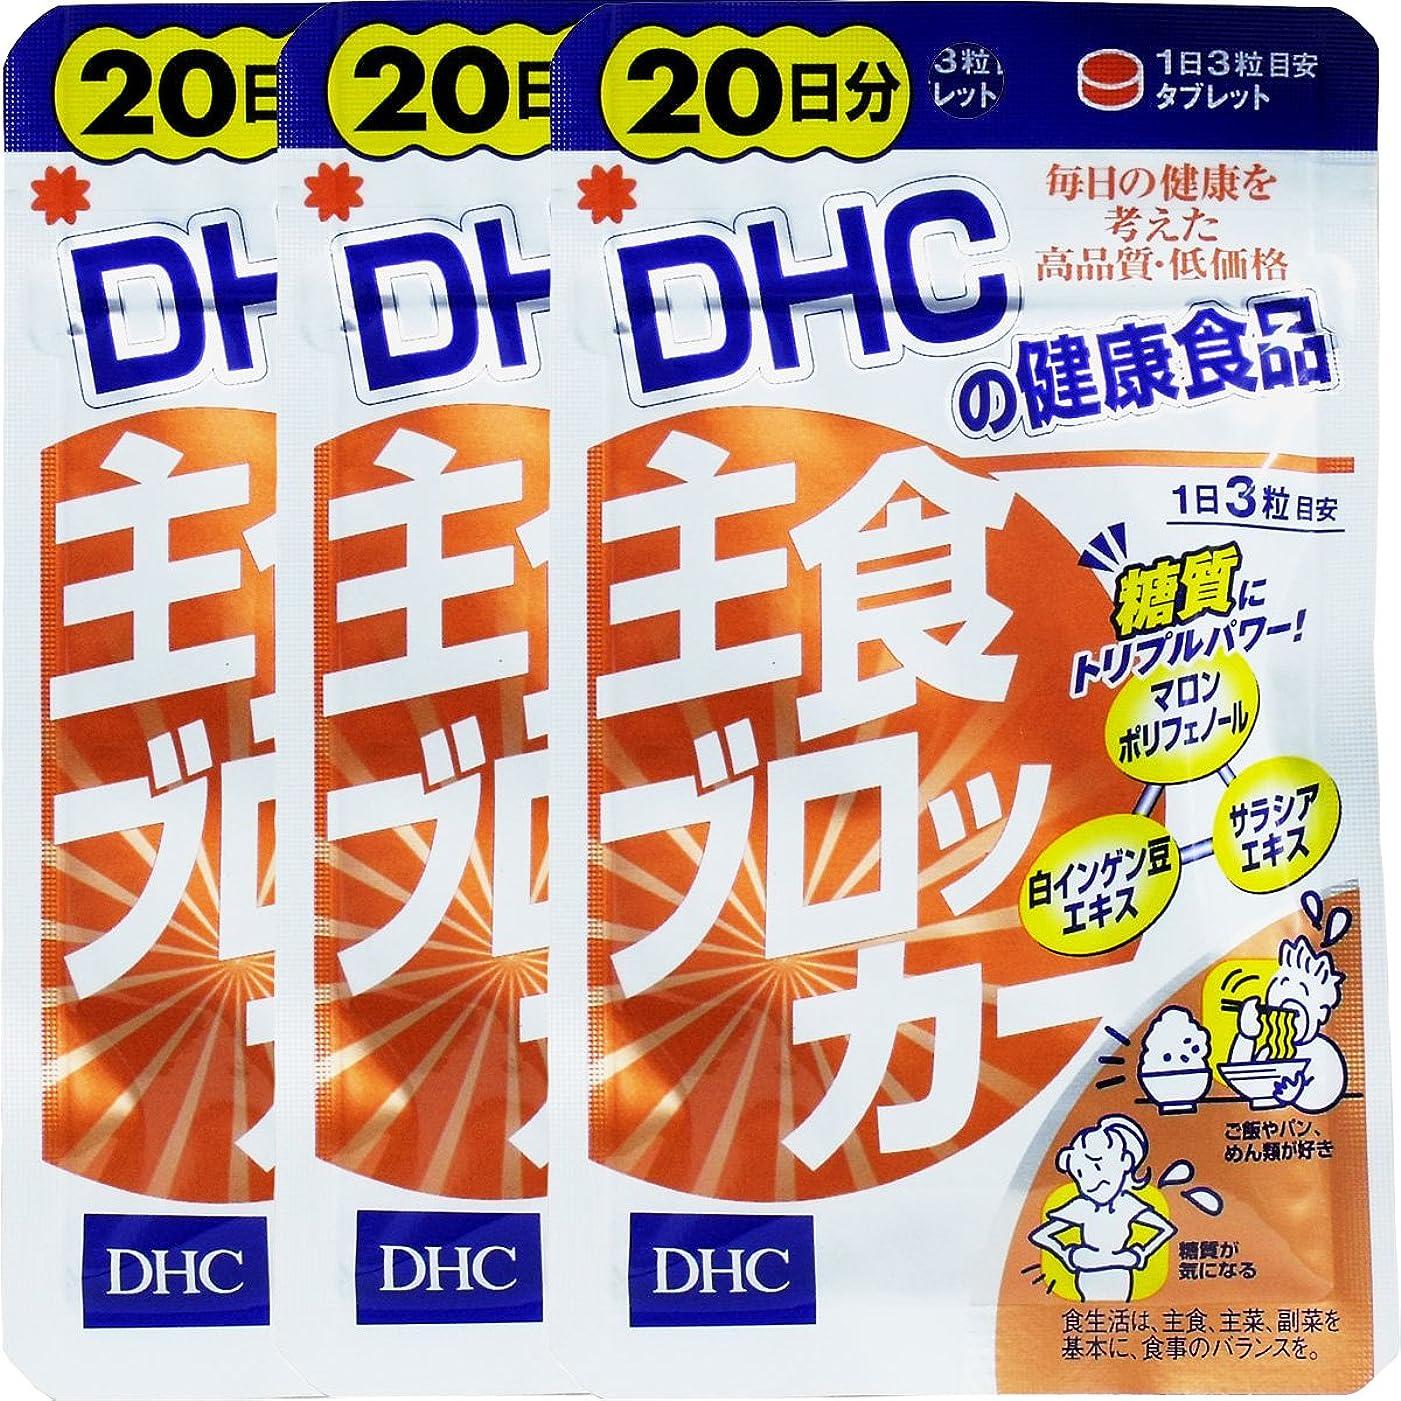 胃気付く甘味DHC 主食ブロッカー 20日分 60粒入×3個